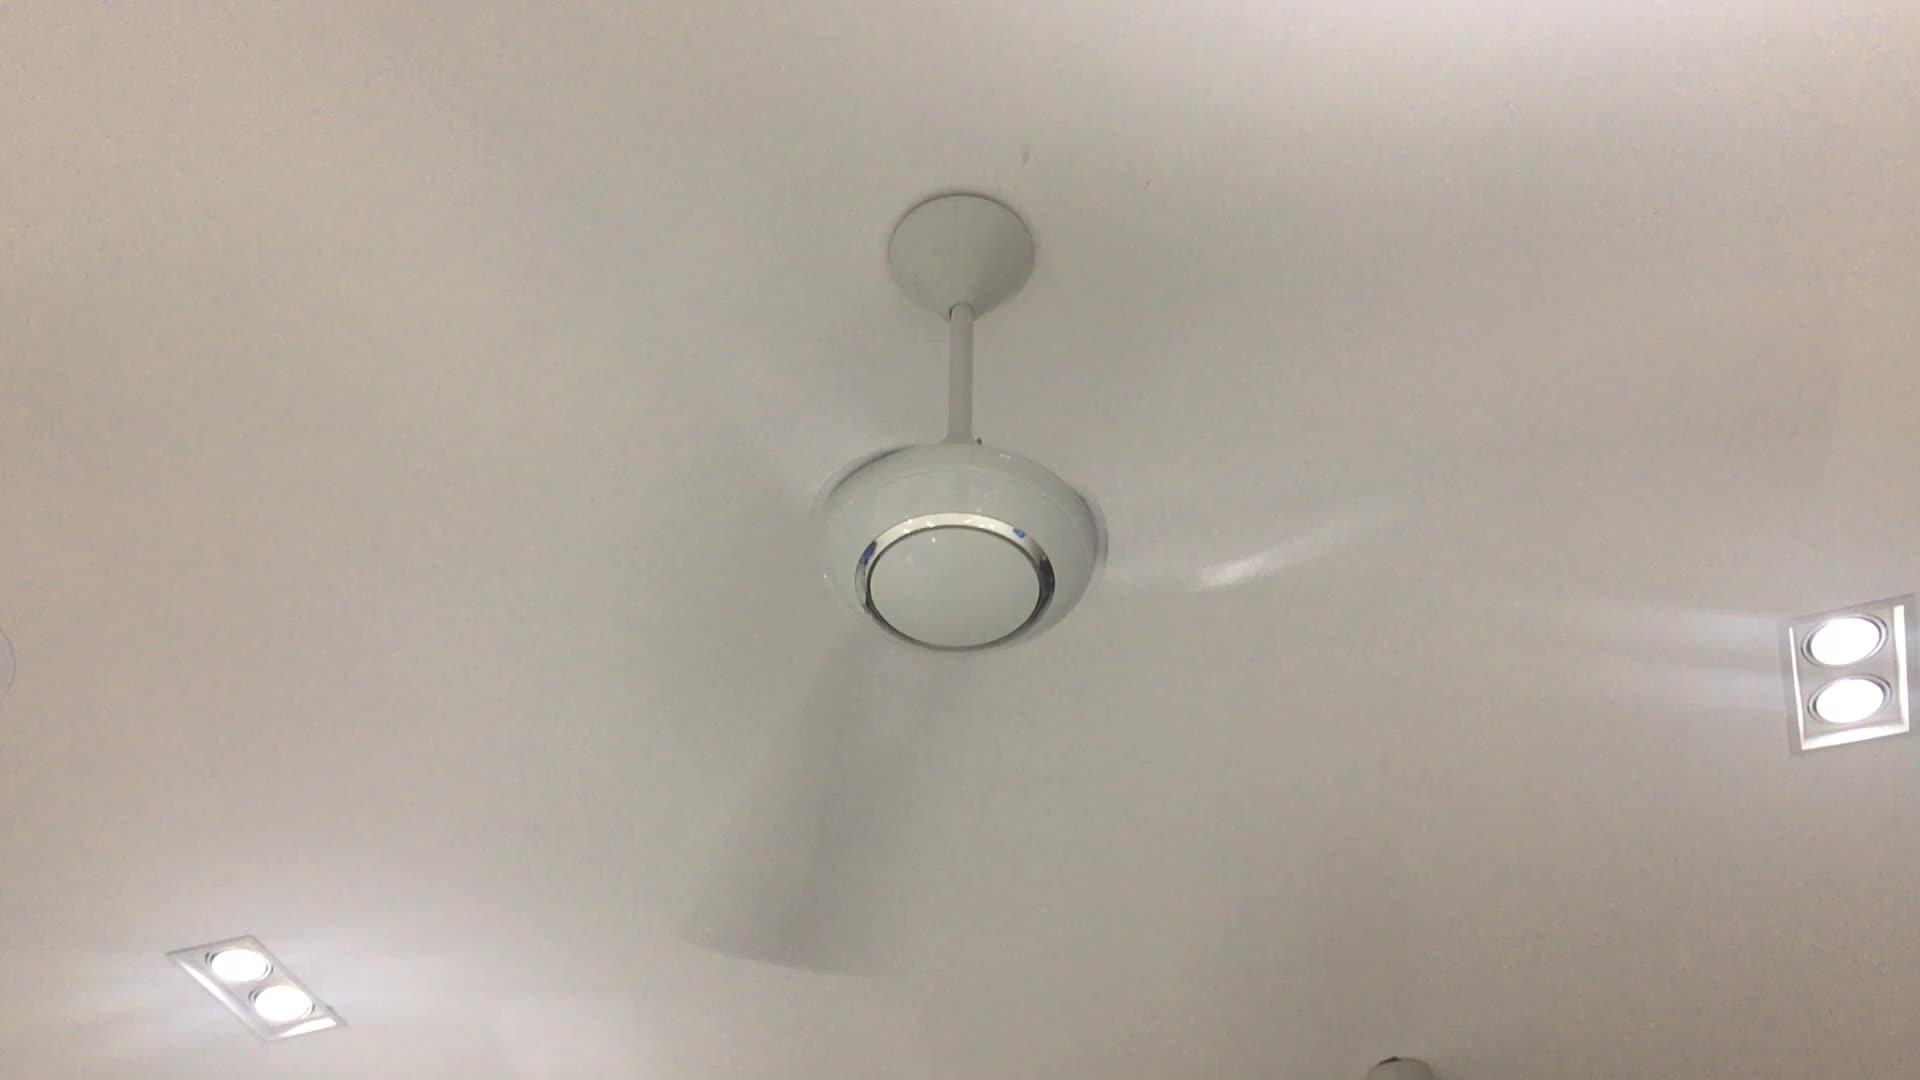 Enjoy Every Market Model 56 Inch Electric Kdk Ceiling Fan To Oman